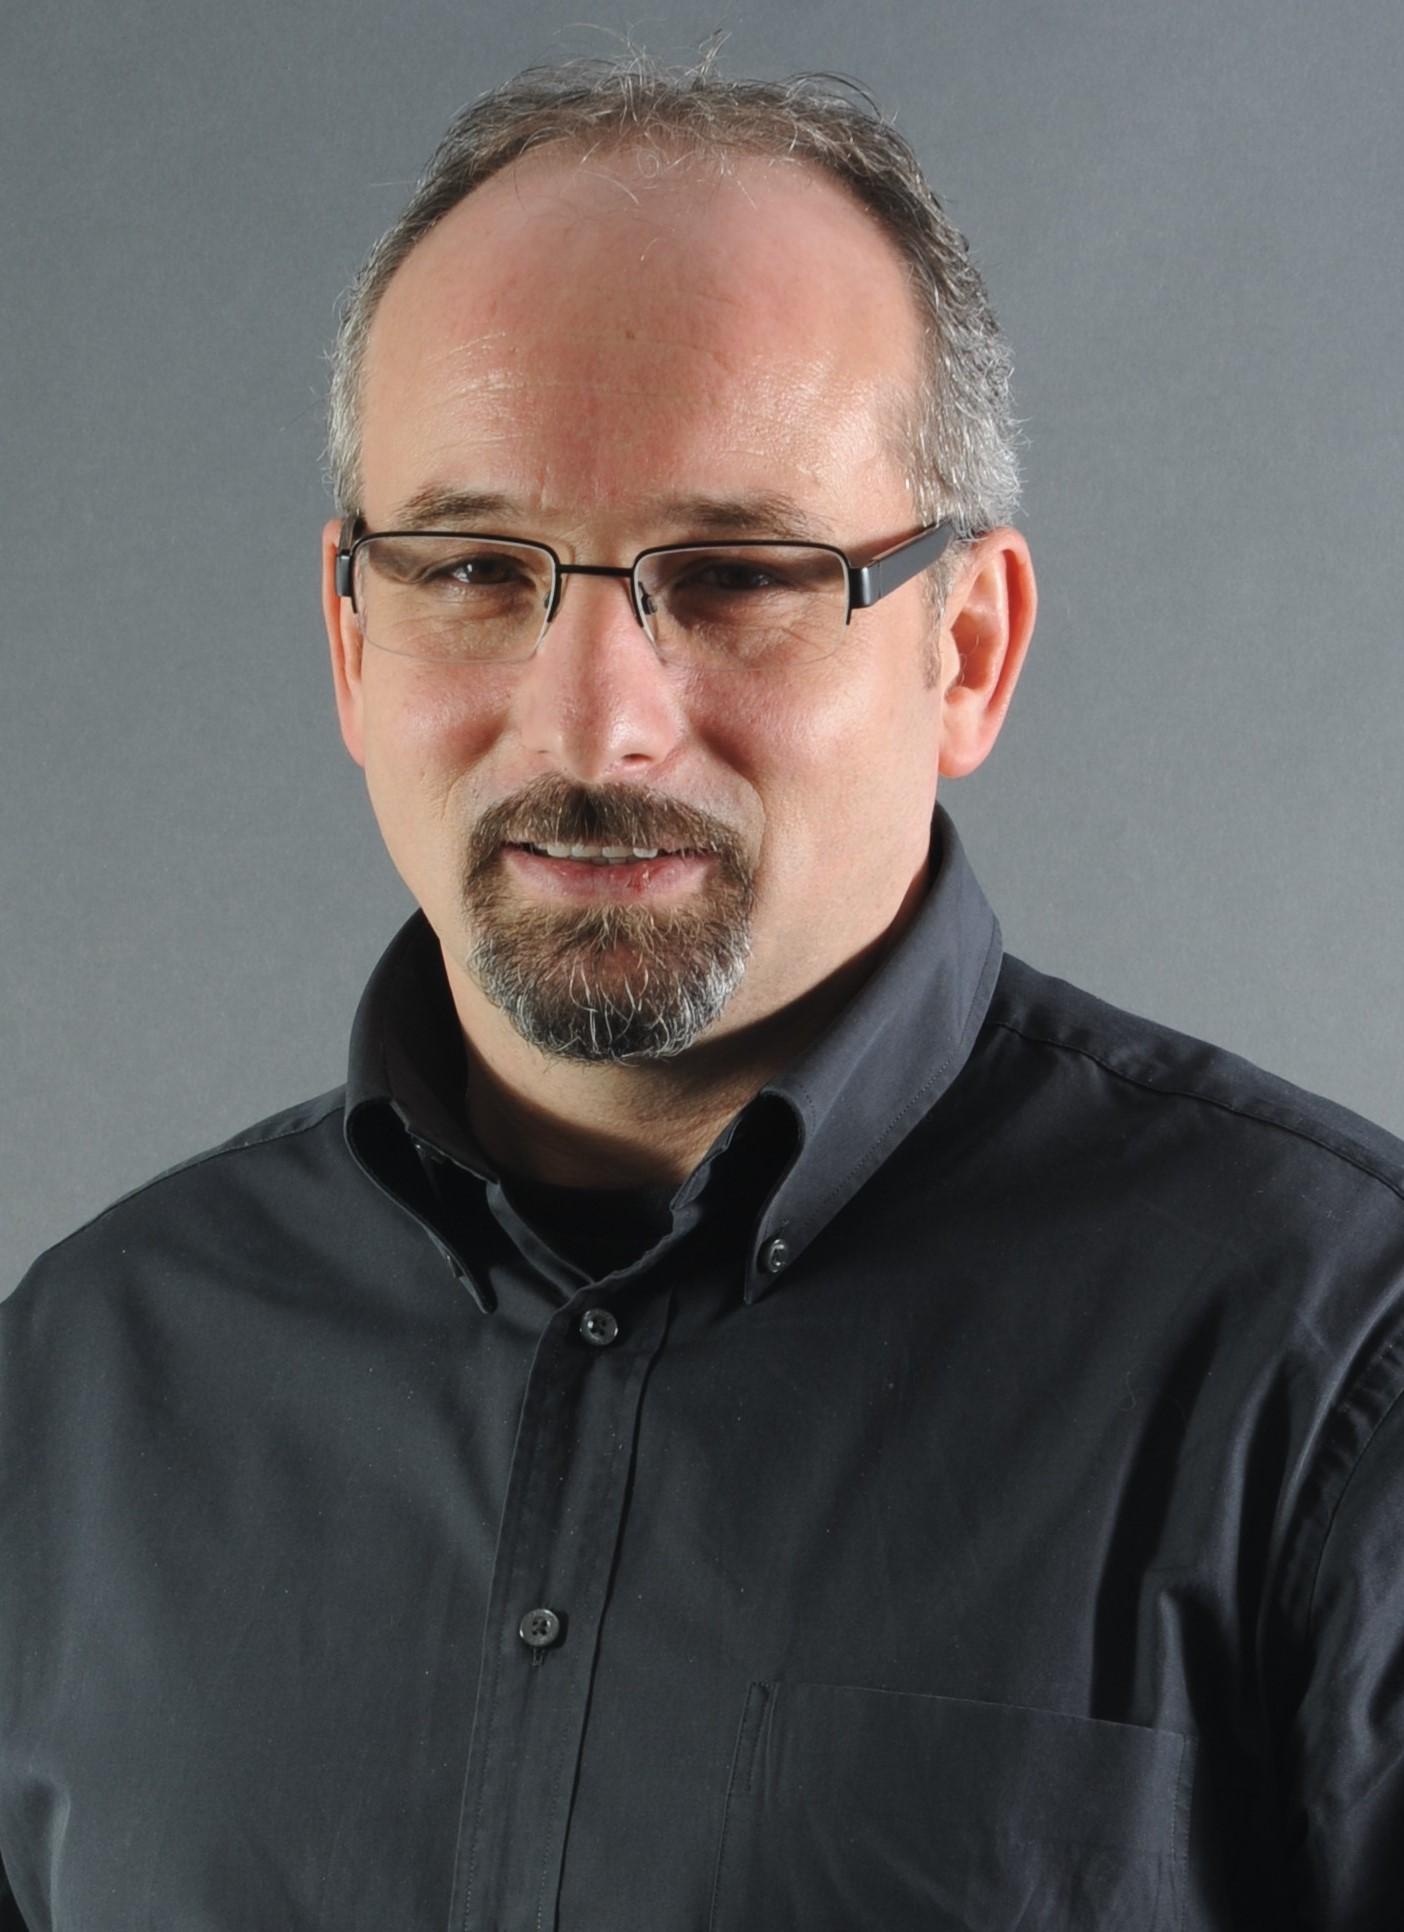 Horst Sonnleitner Profilbild